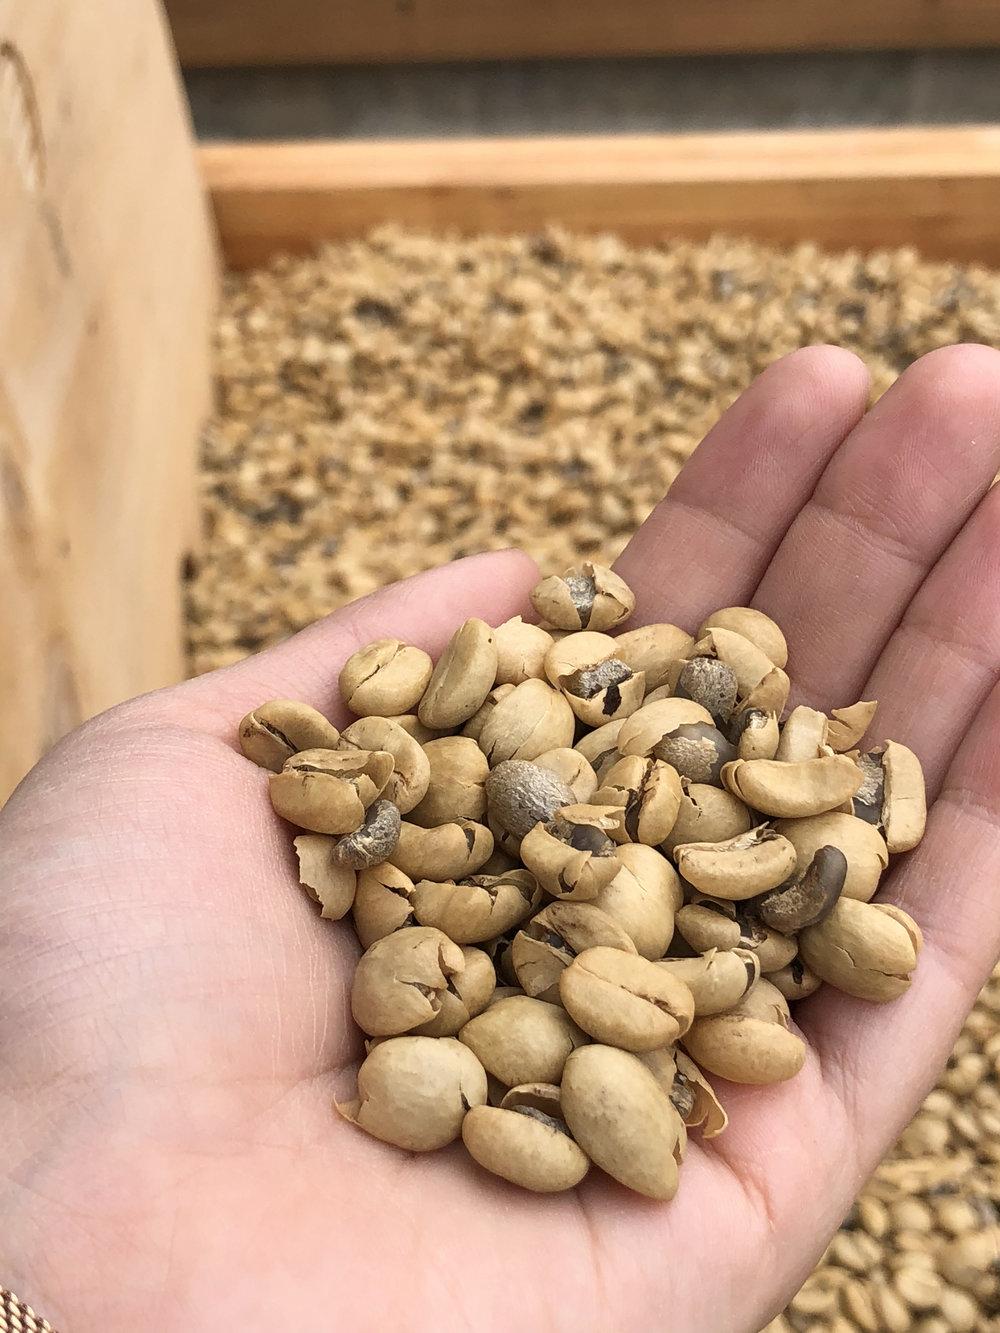 Sun-dried coffee beans